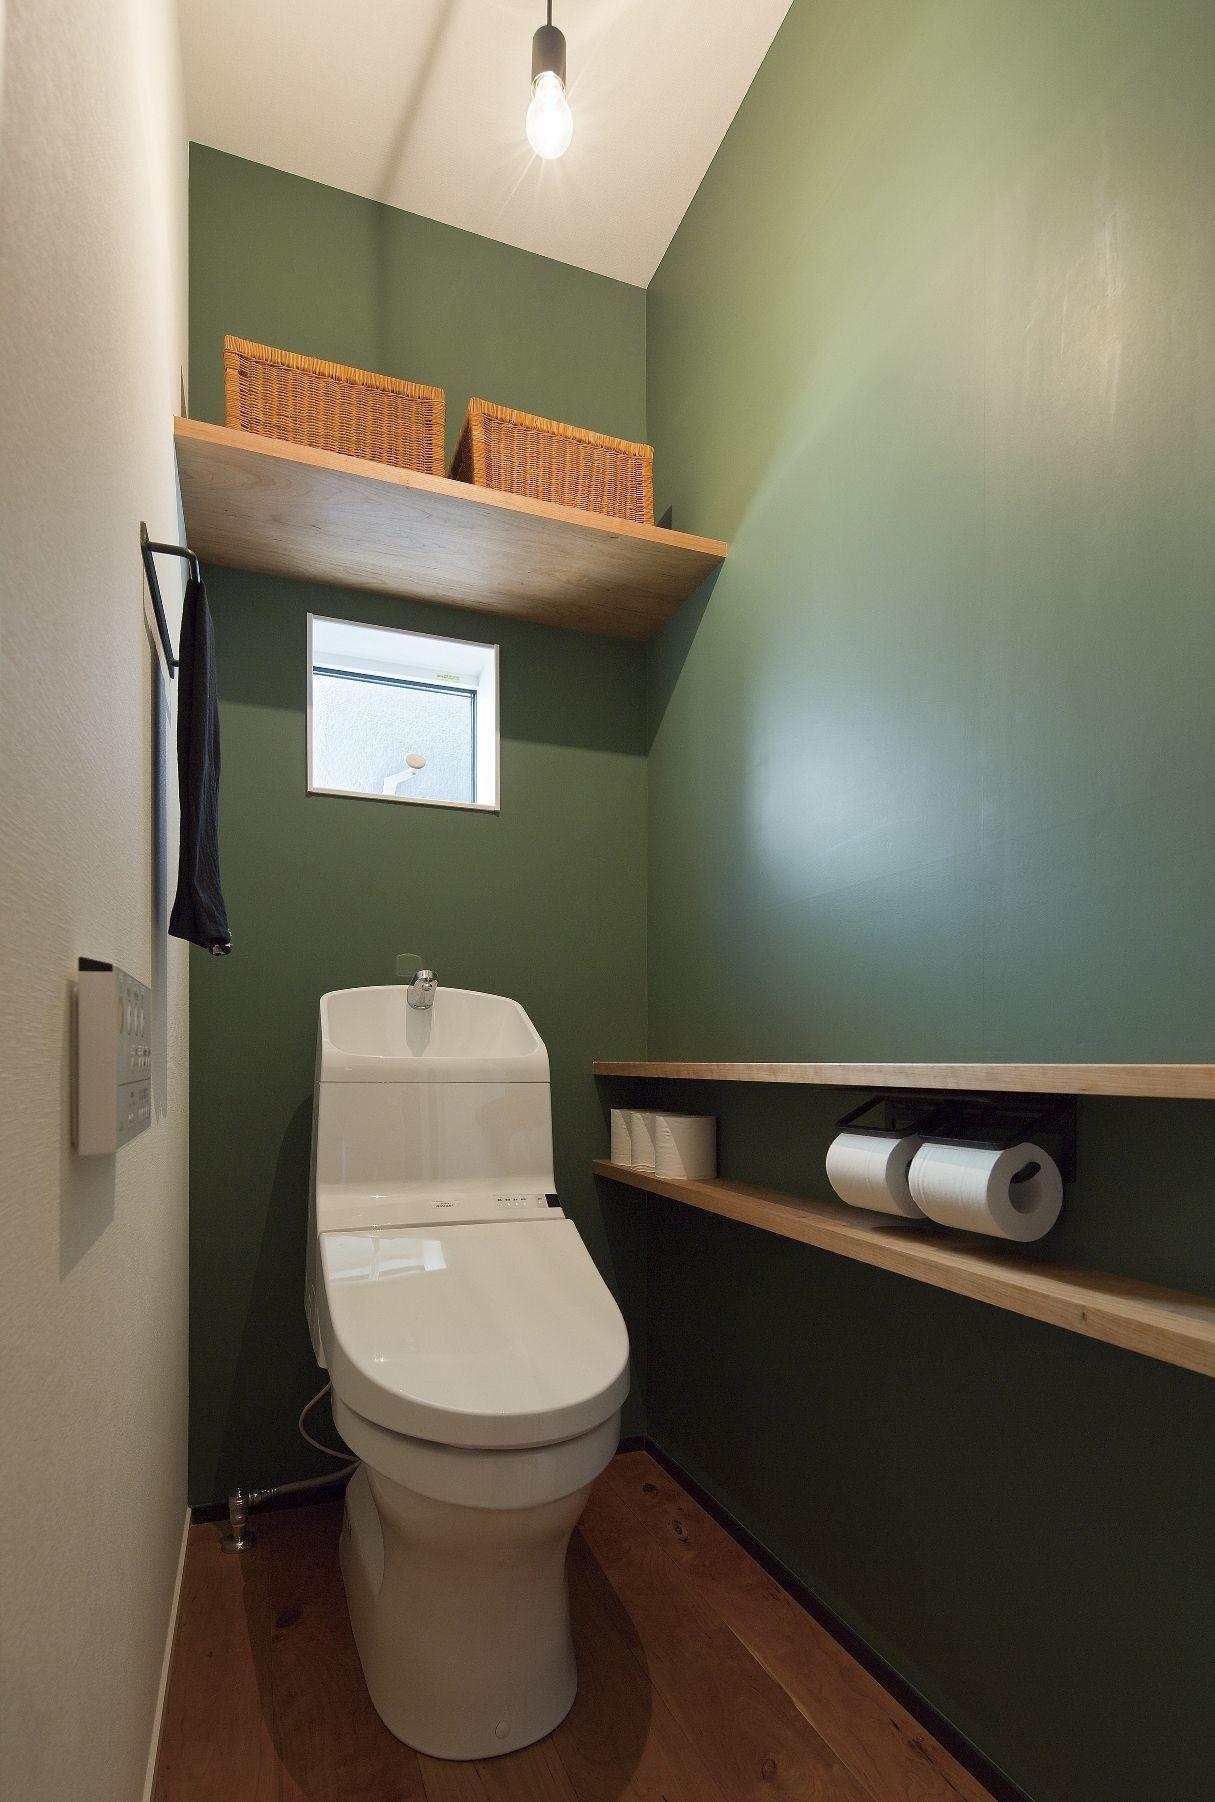 グリーンのアクセントクロスにブラックチェリーの床と棚板 アイアンのタオル掛けにbare Light Bulb クロスに合わせて色を変えた巾木 世界で一番落ち着ける場所を 最大限のコーディネートを施された空間 トイレ おしゃれ トイレ 壁紙 おしゃれ シンプル トイレ